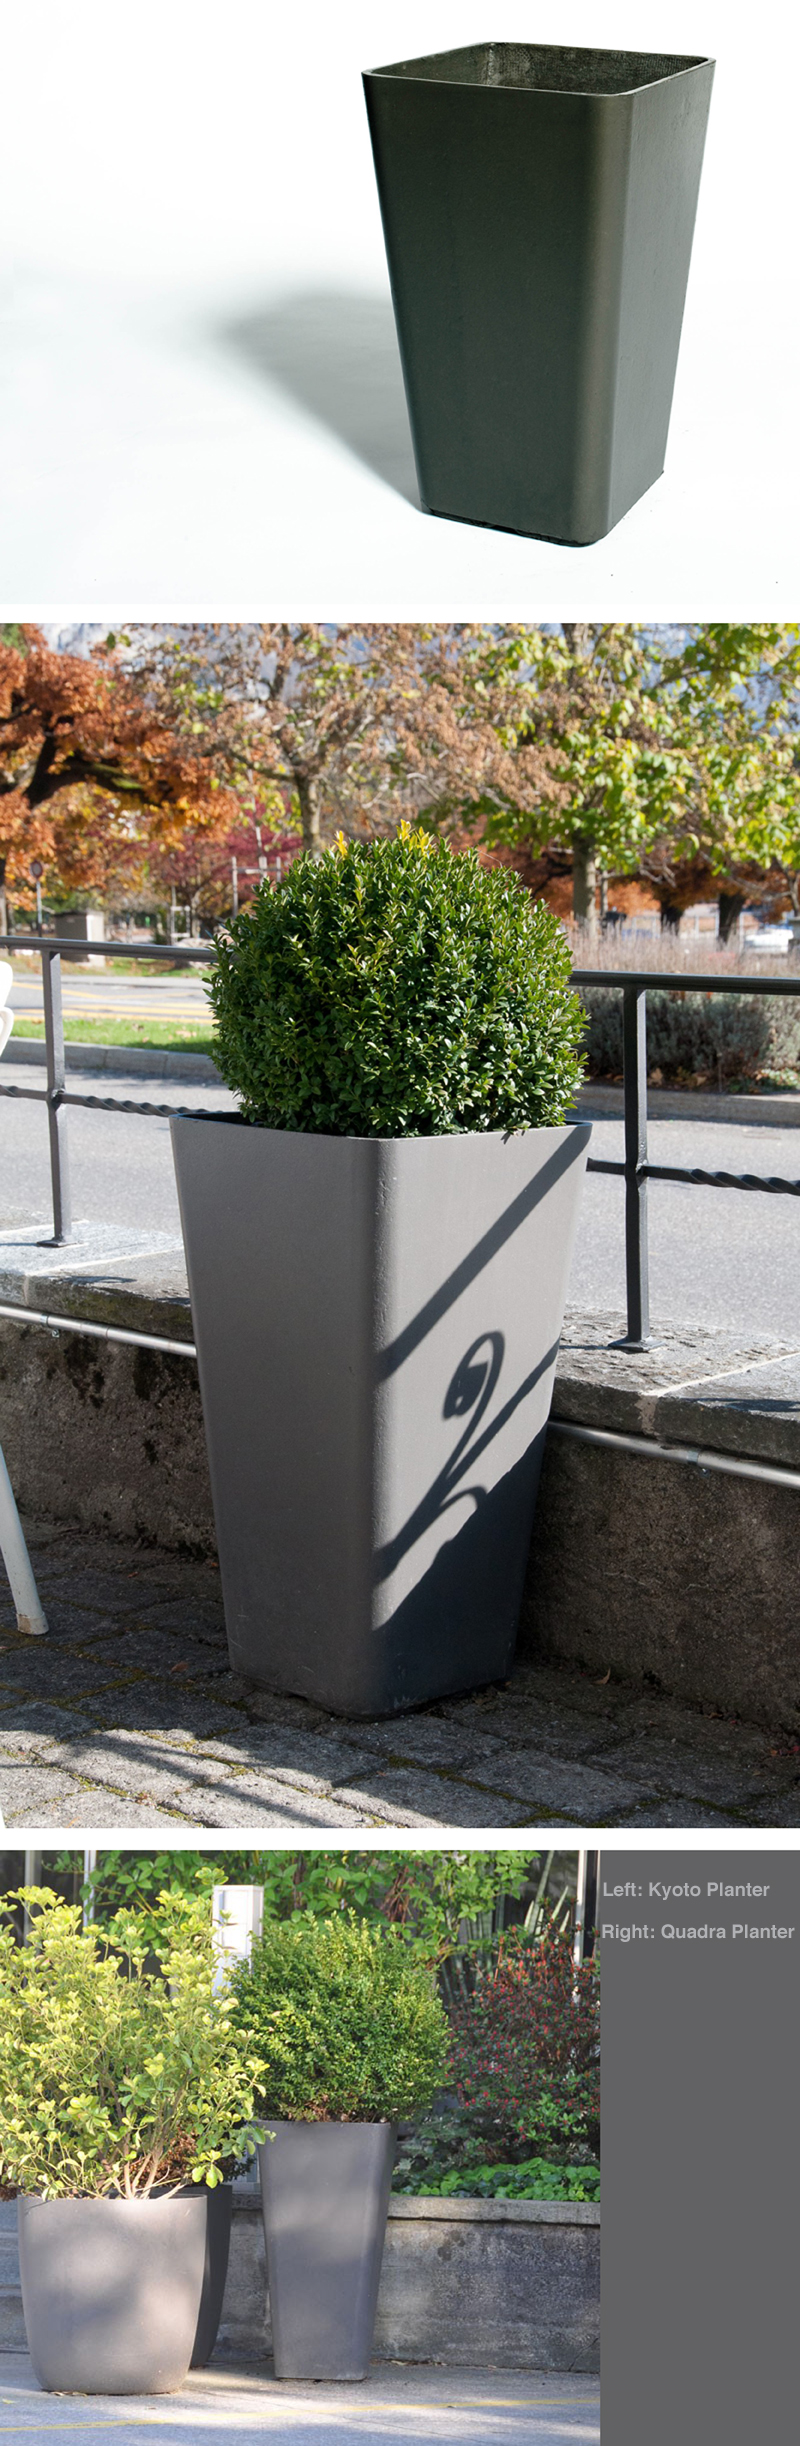 QUADRA Tall Planter Pots Outdoor Planter Design NOVA68com